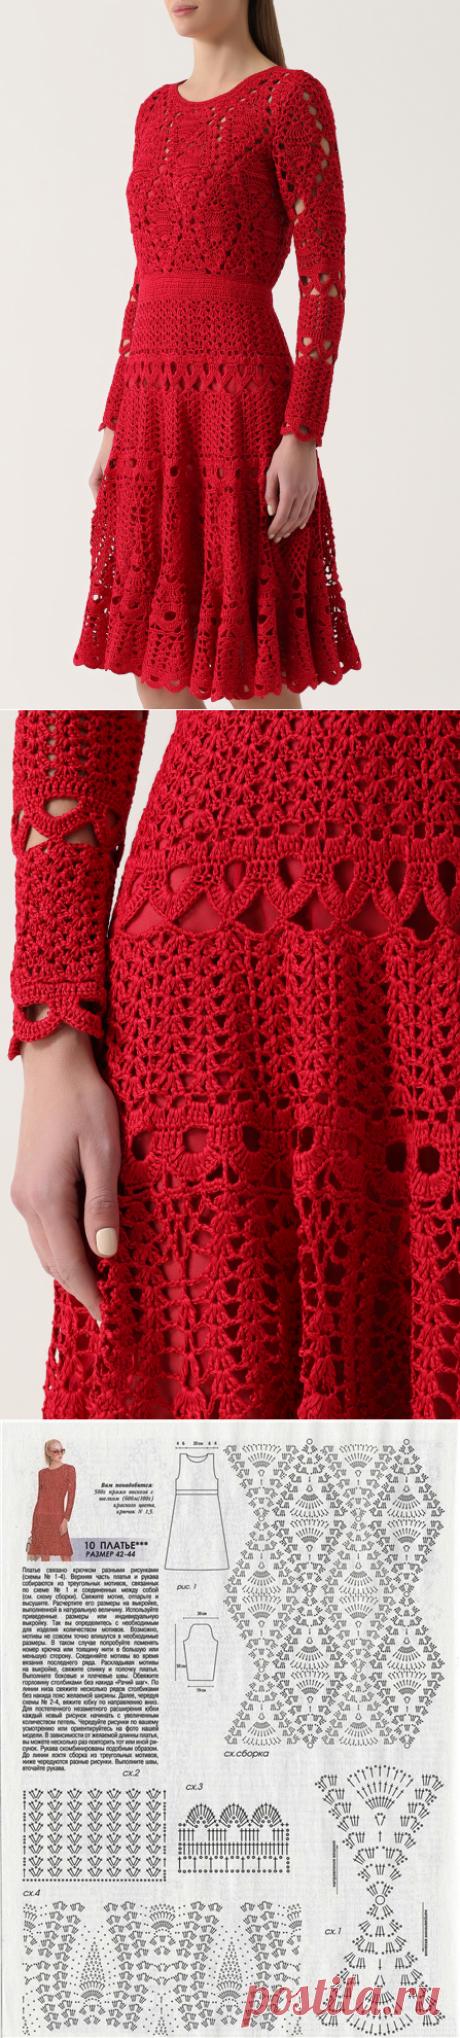 Красный Кардинал. Платье крючком от Oscar de la Renta